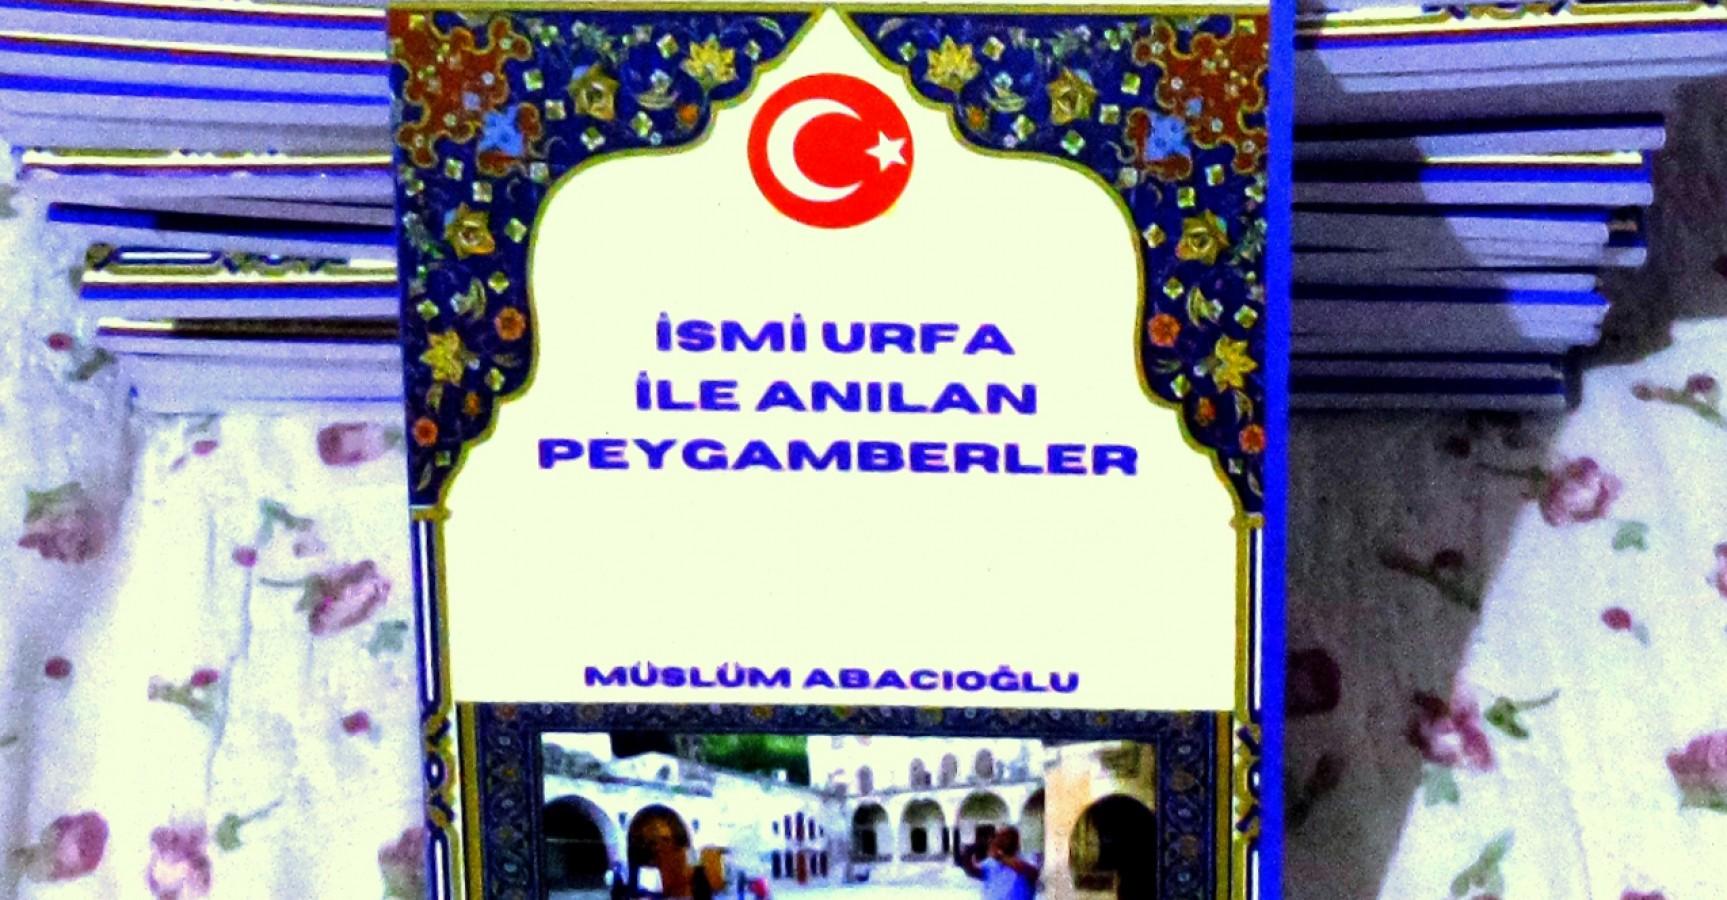 Yazar Abacıoğlu'nun yeni kitabı raflarda